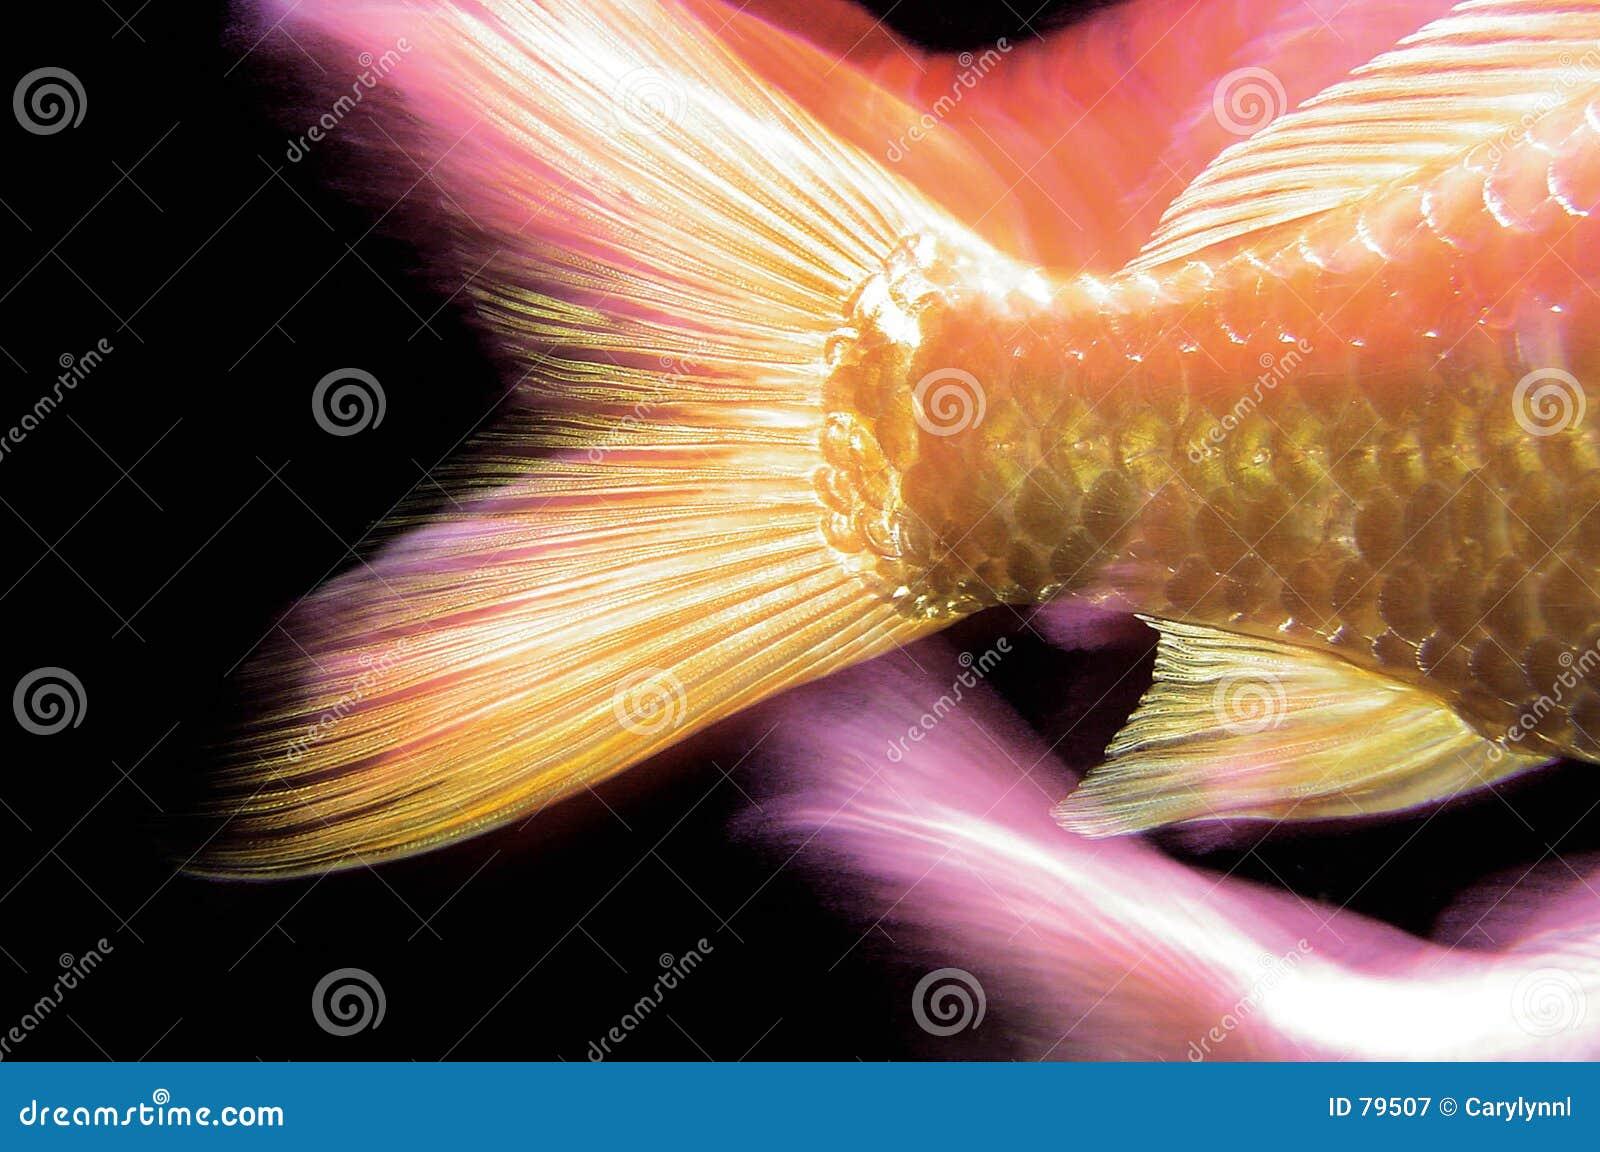 Fish tail fish beautiful - photo#17